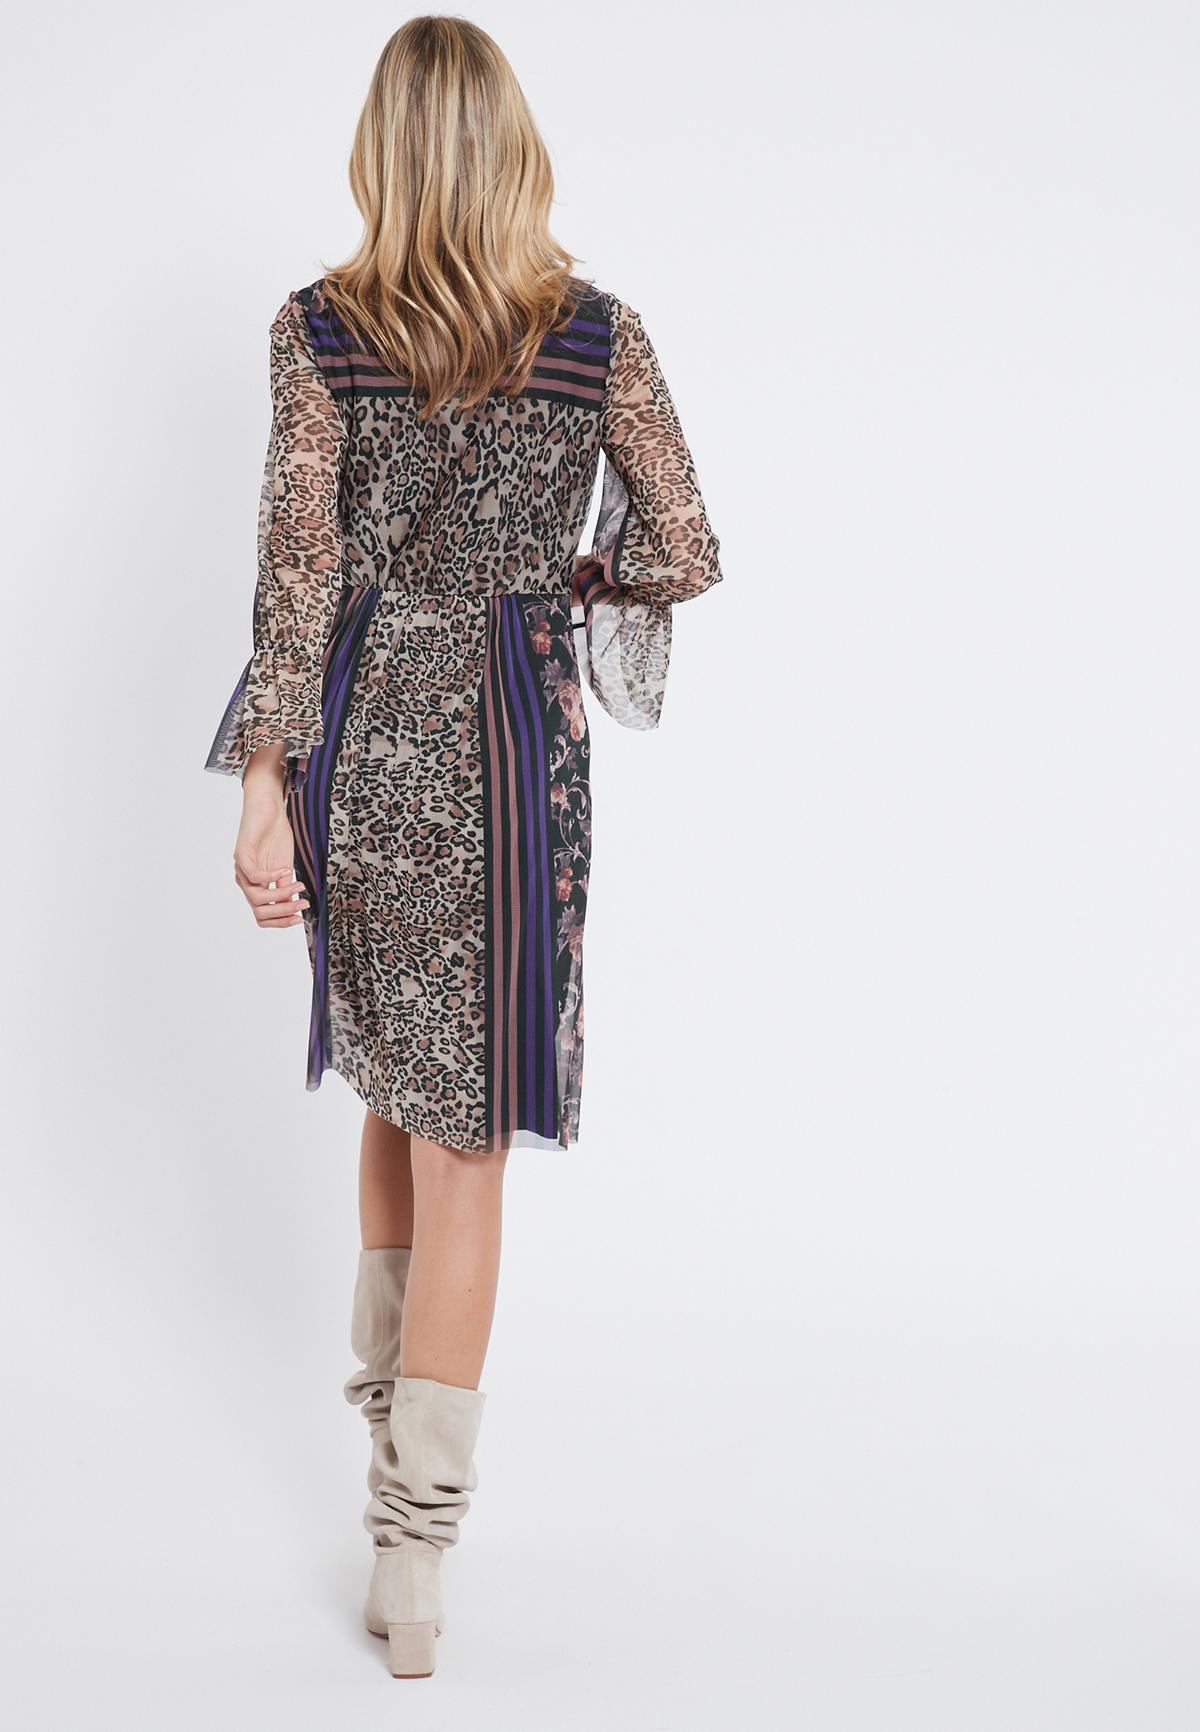 Rückansicht von Ana Alcazar Romantik Kleid Vormaly  angezogen an Model